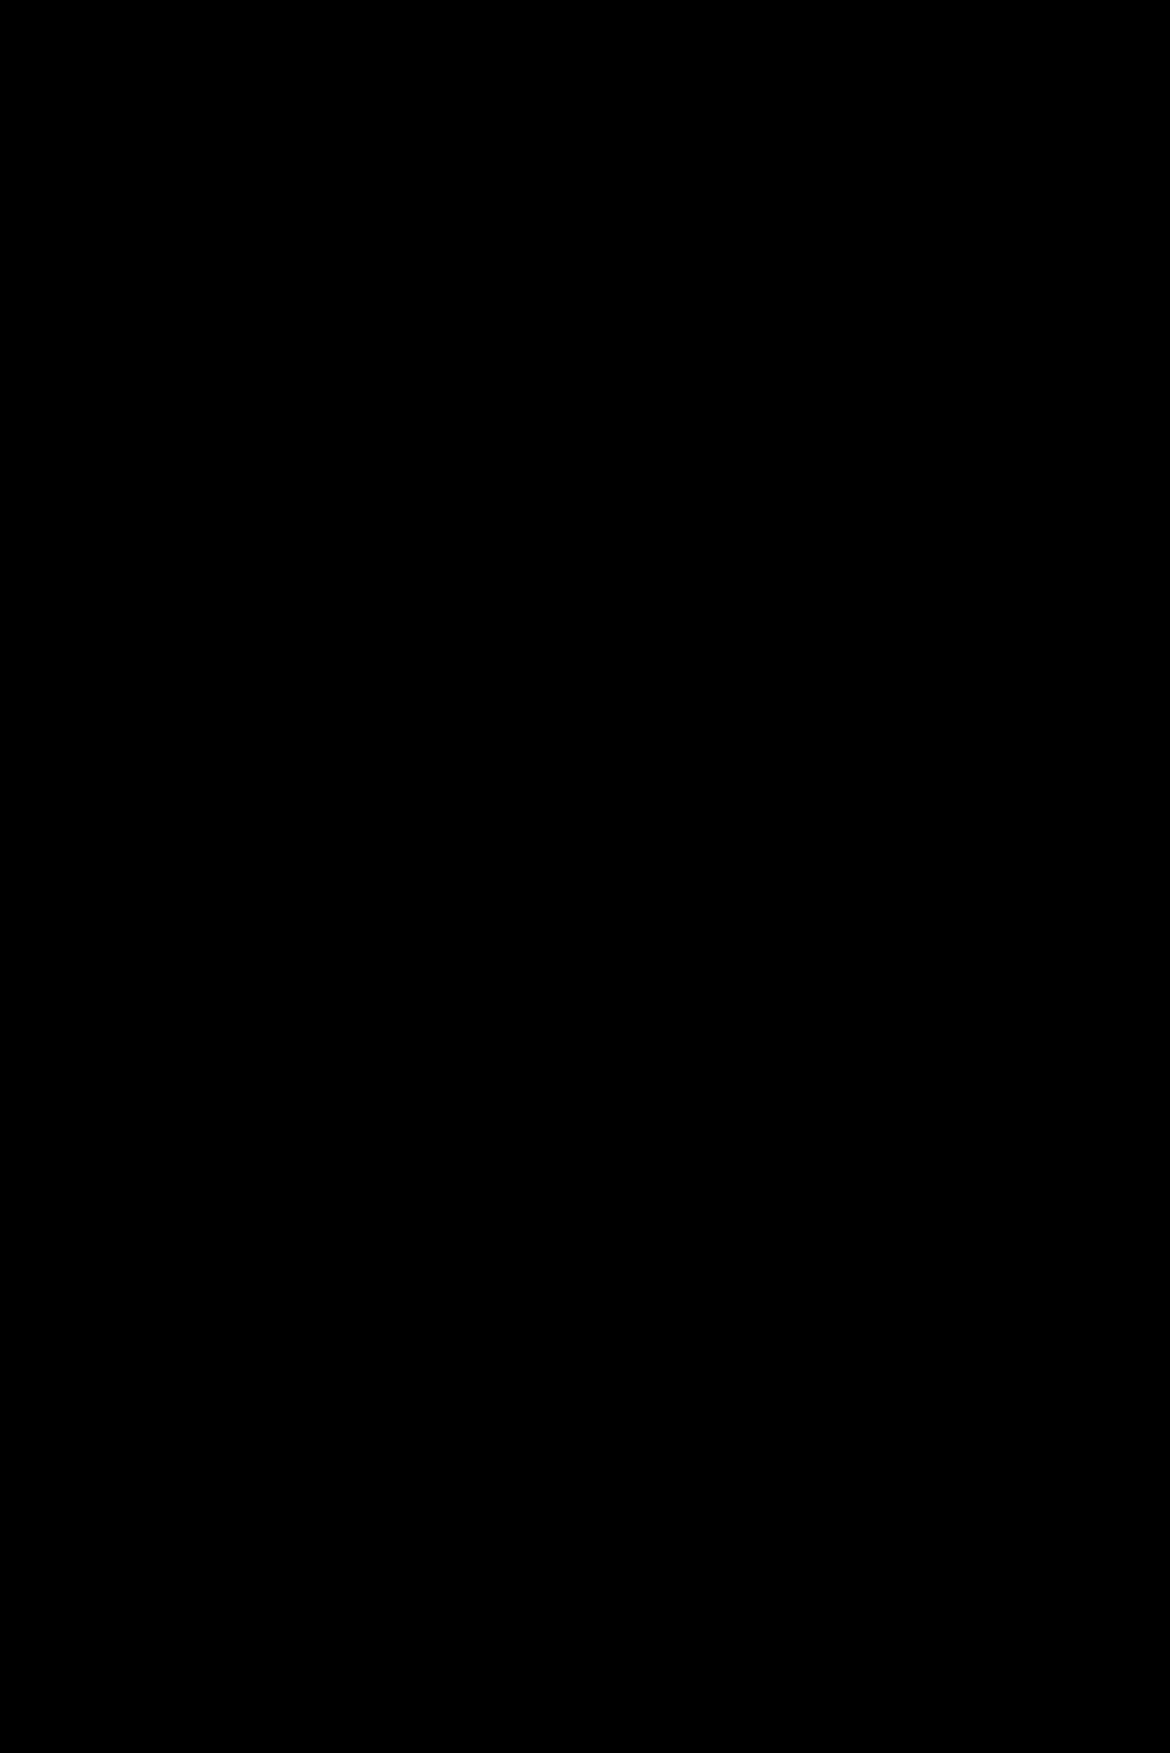 Scogliera di Portofino - Weekend a Portofino: cosa vedere, dove mangiare e dove dormireScogliera di Portofino - Weekend a Portofino: cosa vedere, dove mangiare e dove dormire